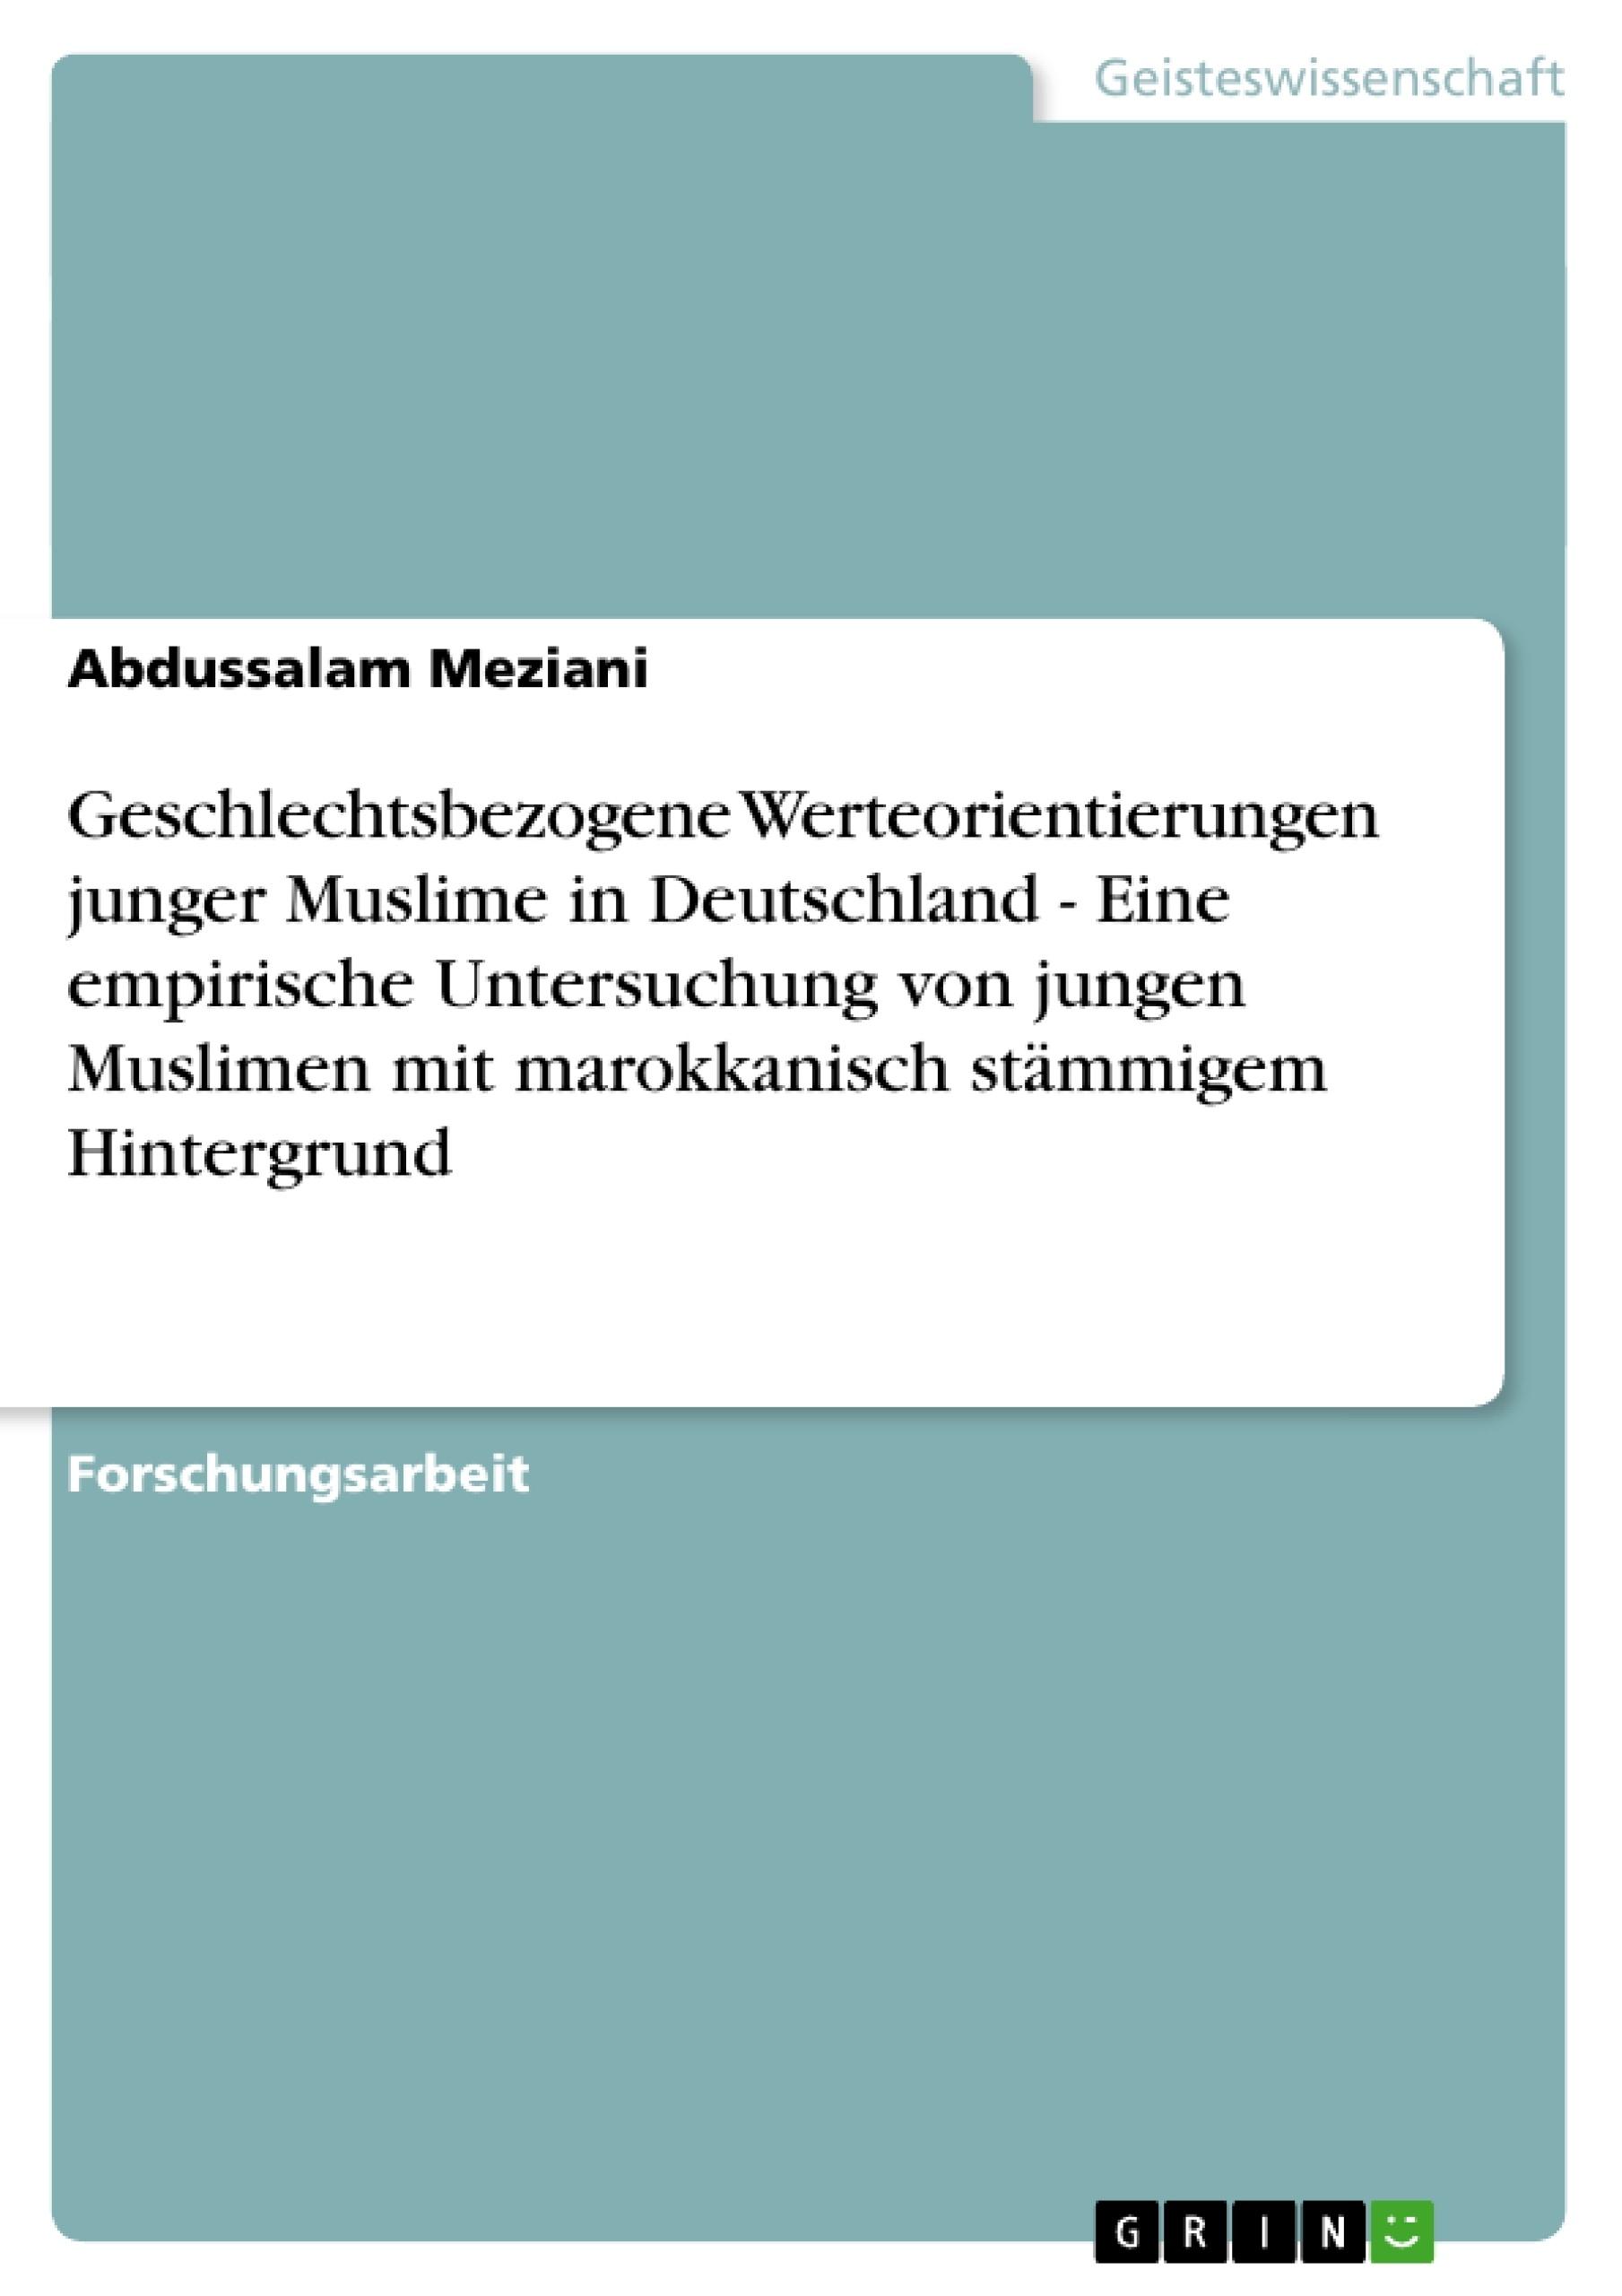 Titel: Geschlechtsbezogene Werteorientierungen junger Muslime in Deutschland - Eine empirische Untersuchung von jungen Muslimen mit marokkanisch stämmigem Hintergrund